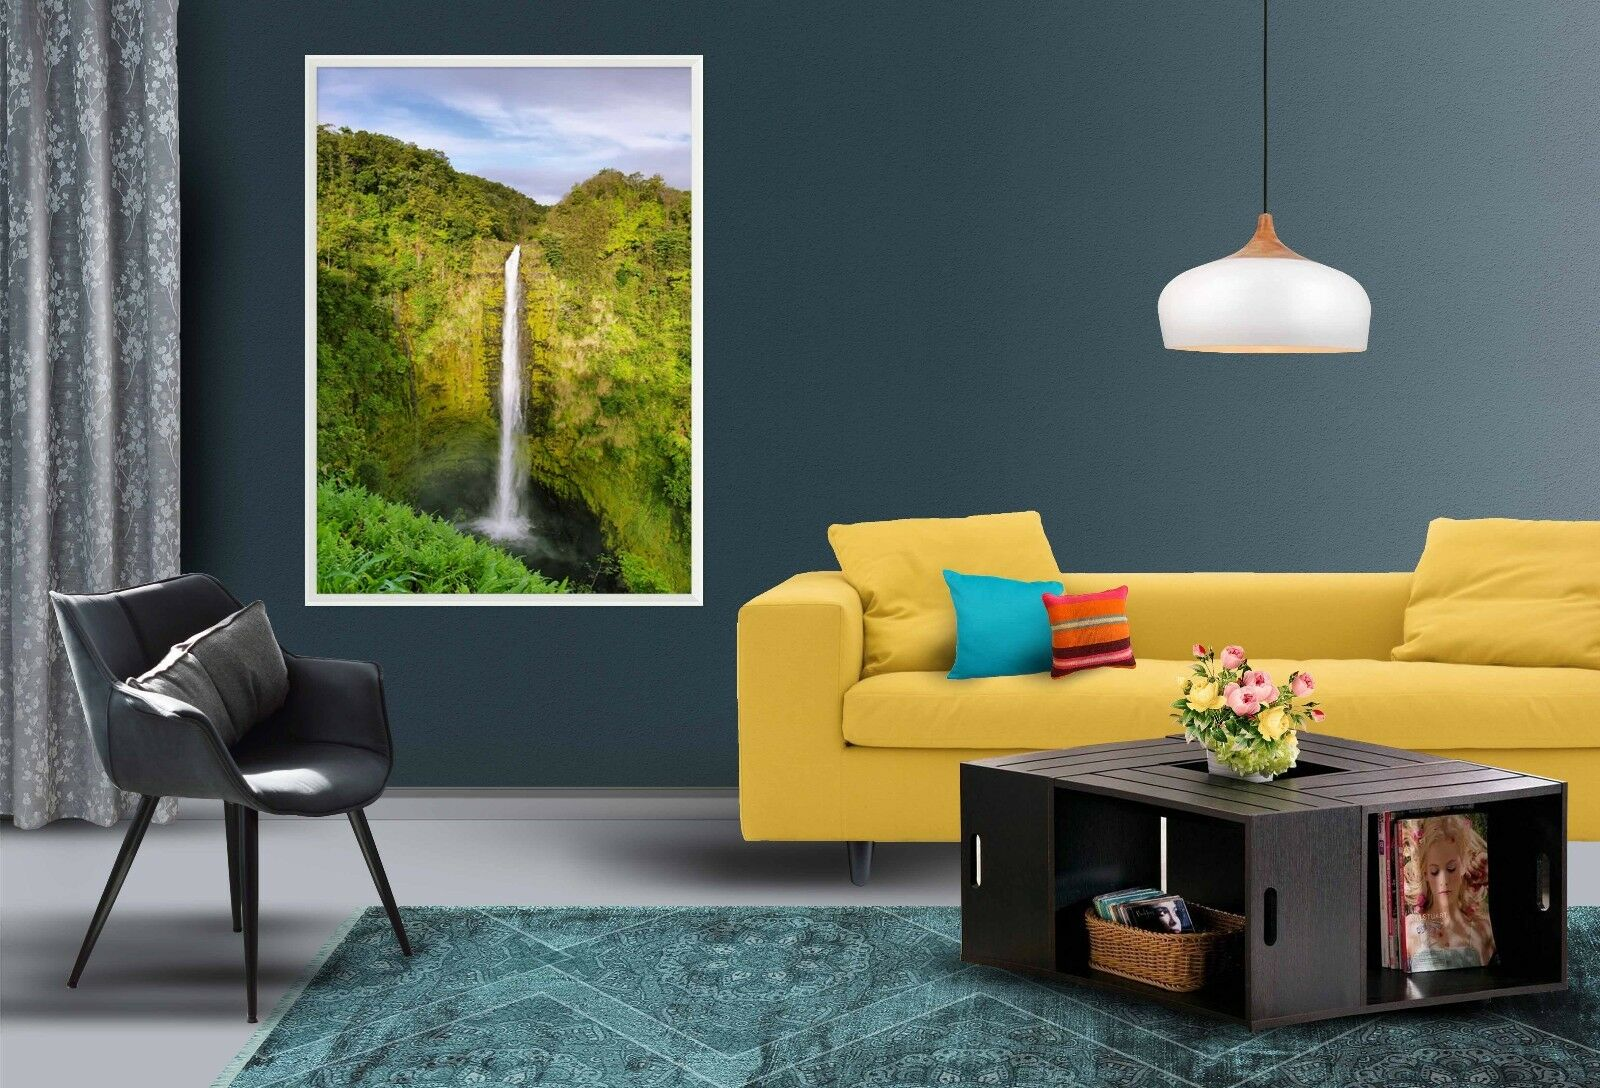 3D Eins Wasserfall 4 Gerahmt Poster Daheim Dekor Drucken Malerei Kunst AJ